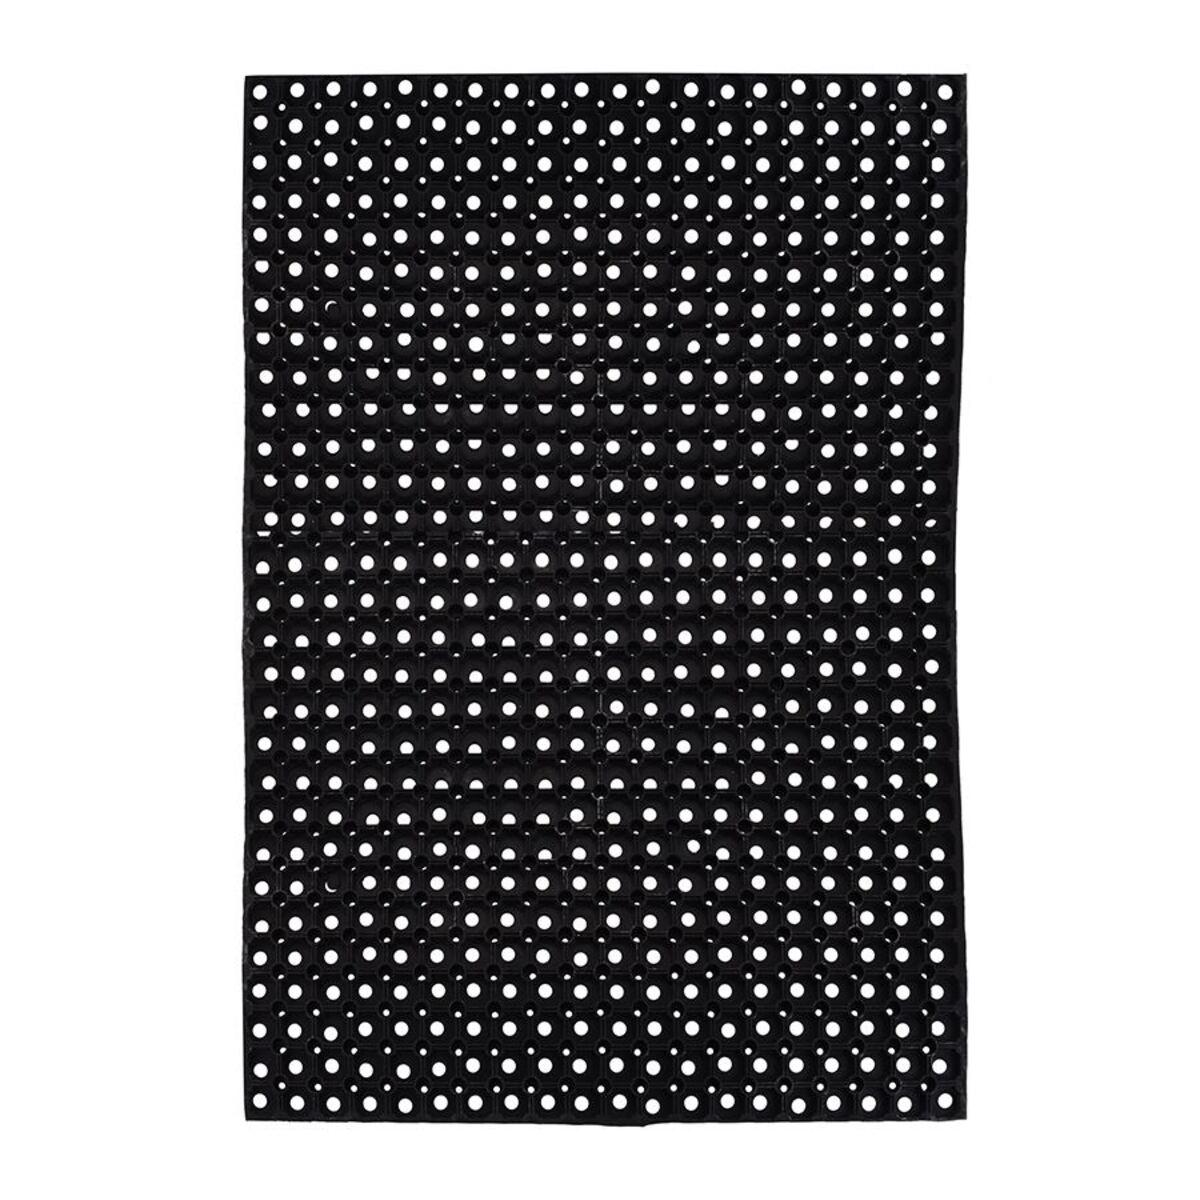 Bild 2 von Gummi-Türmatte 120x80x1,2cm Schwarz